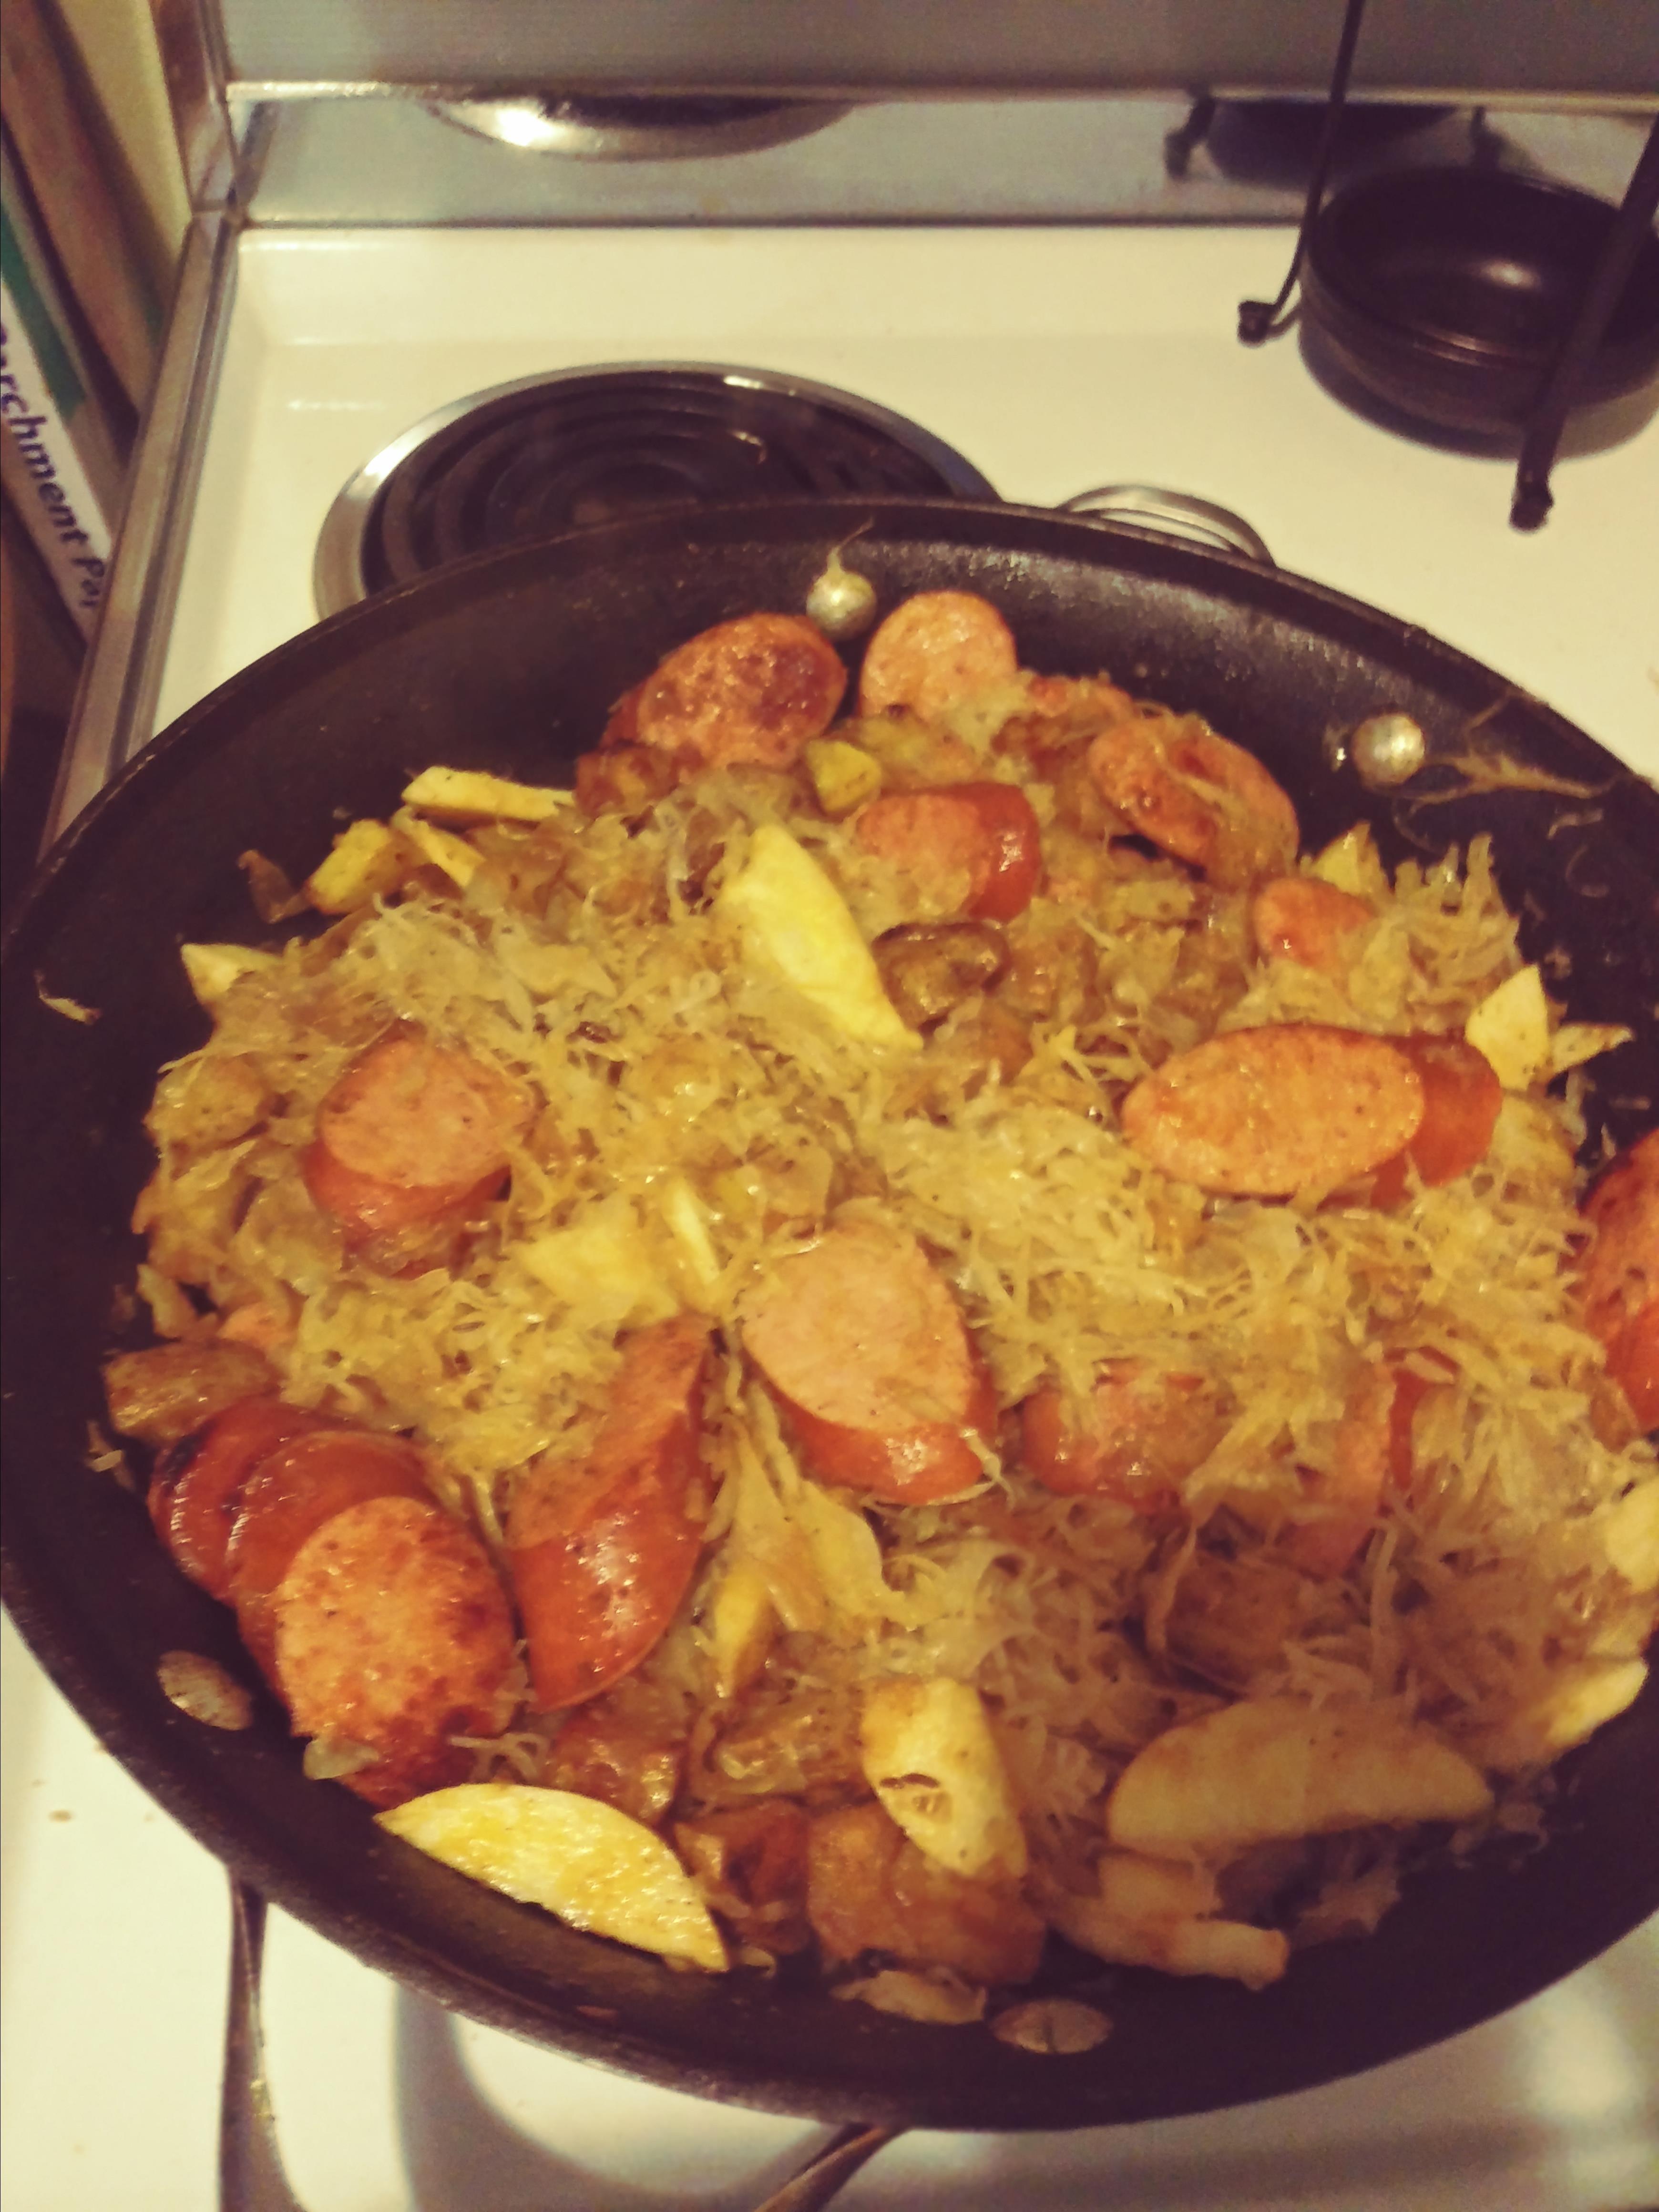 Smoked Sausage with Potatoes, Sauerkraut & Ale